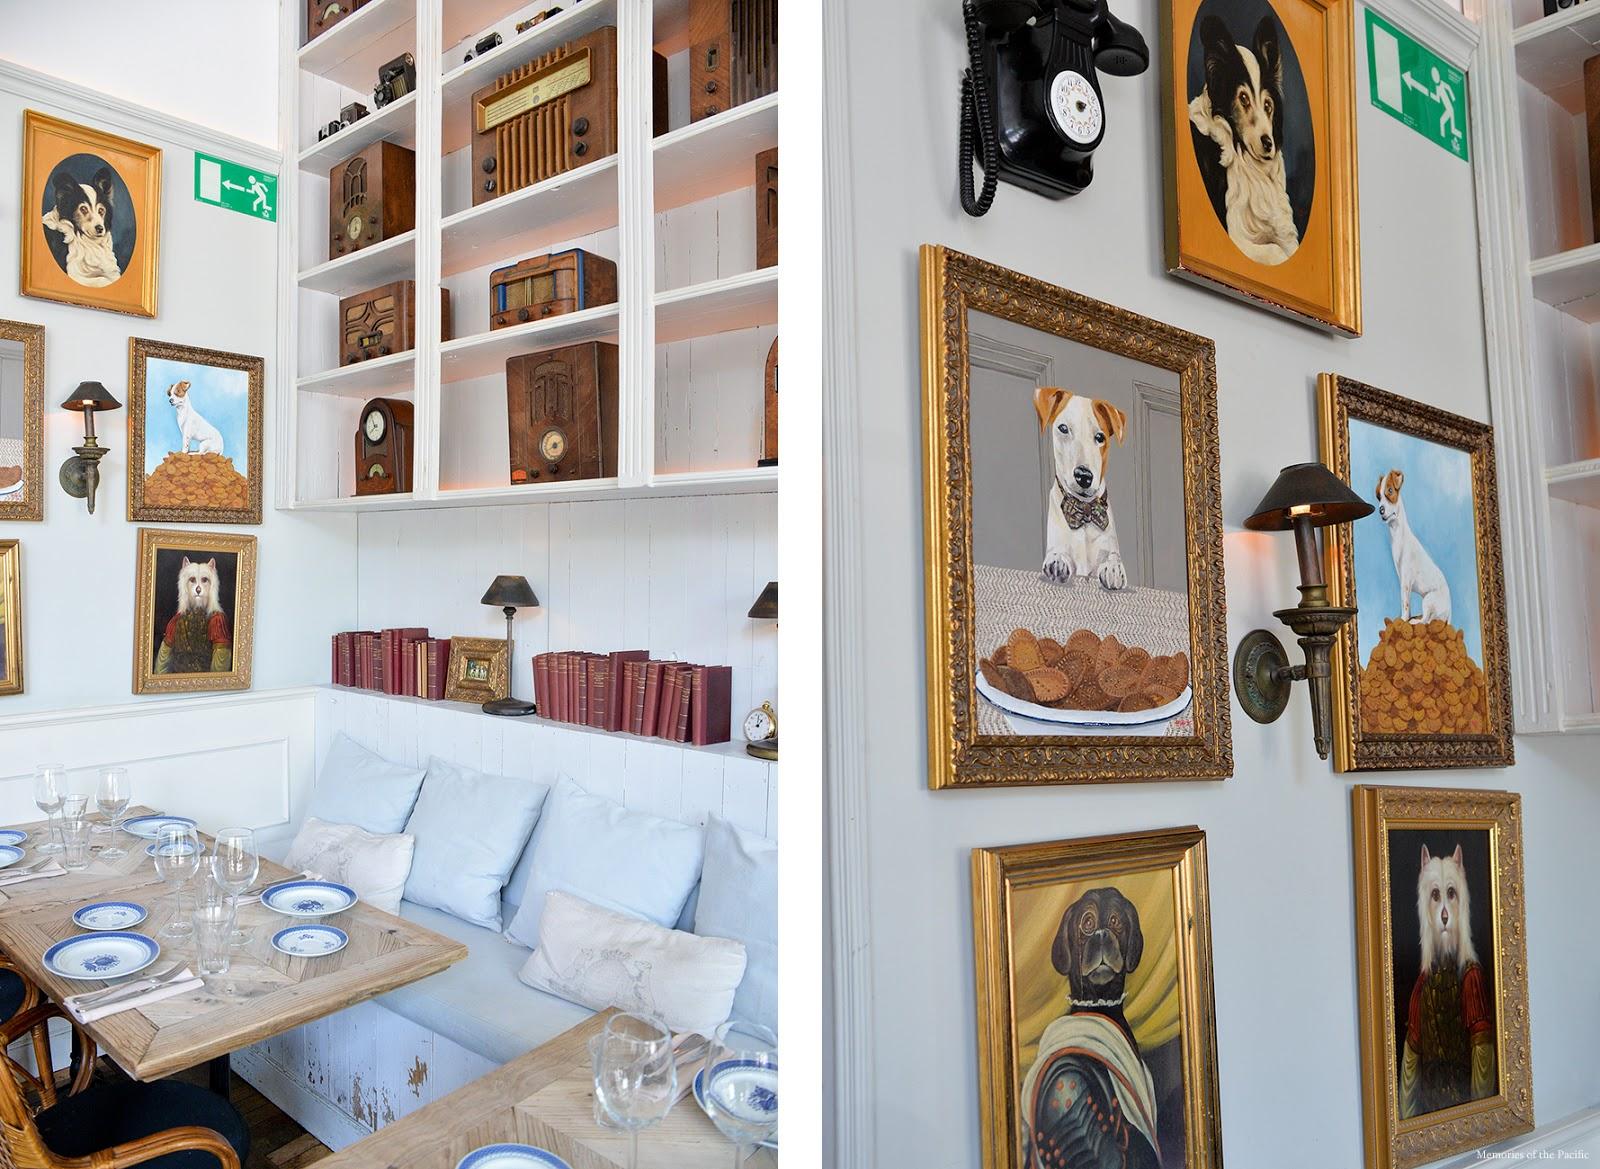 El Perro y la Galleta trendy restaurant Madrid